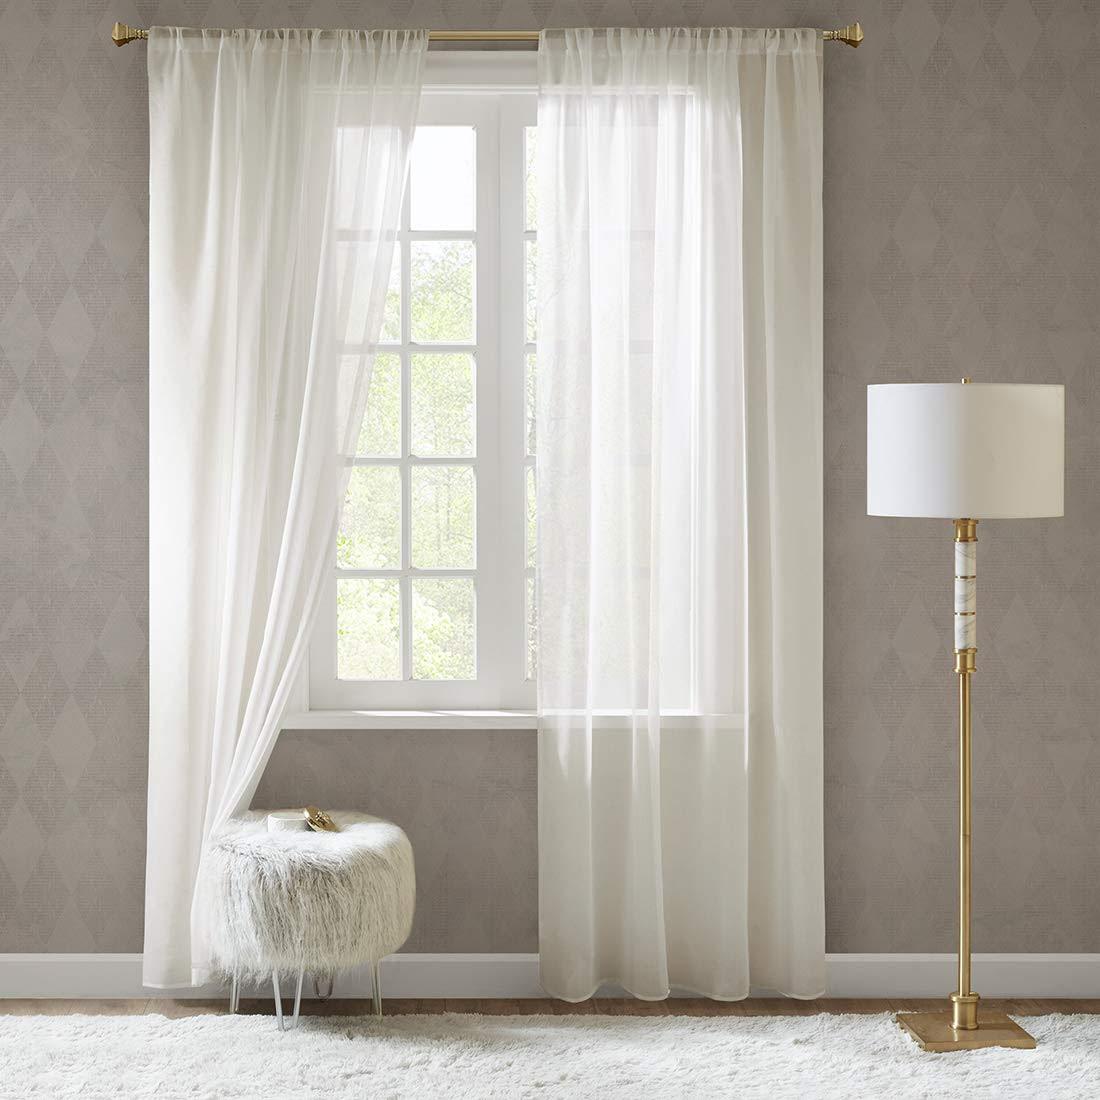 vorhänge schlafzimmer wohnzimmer braun tapete gardinen